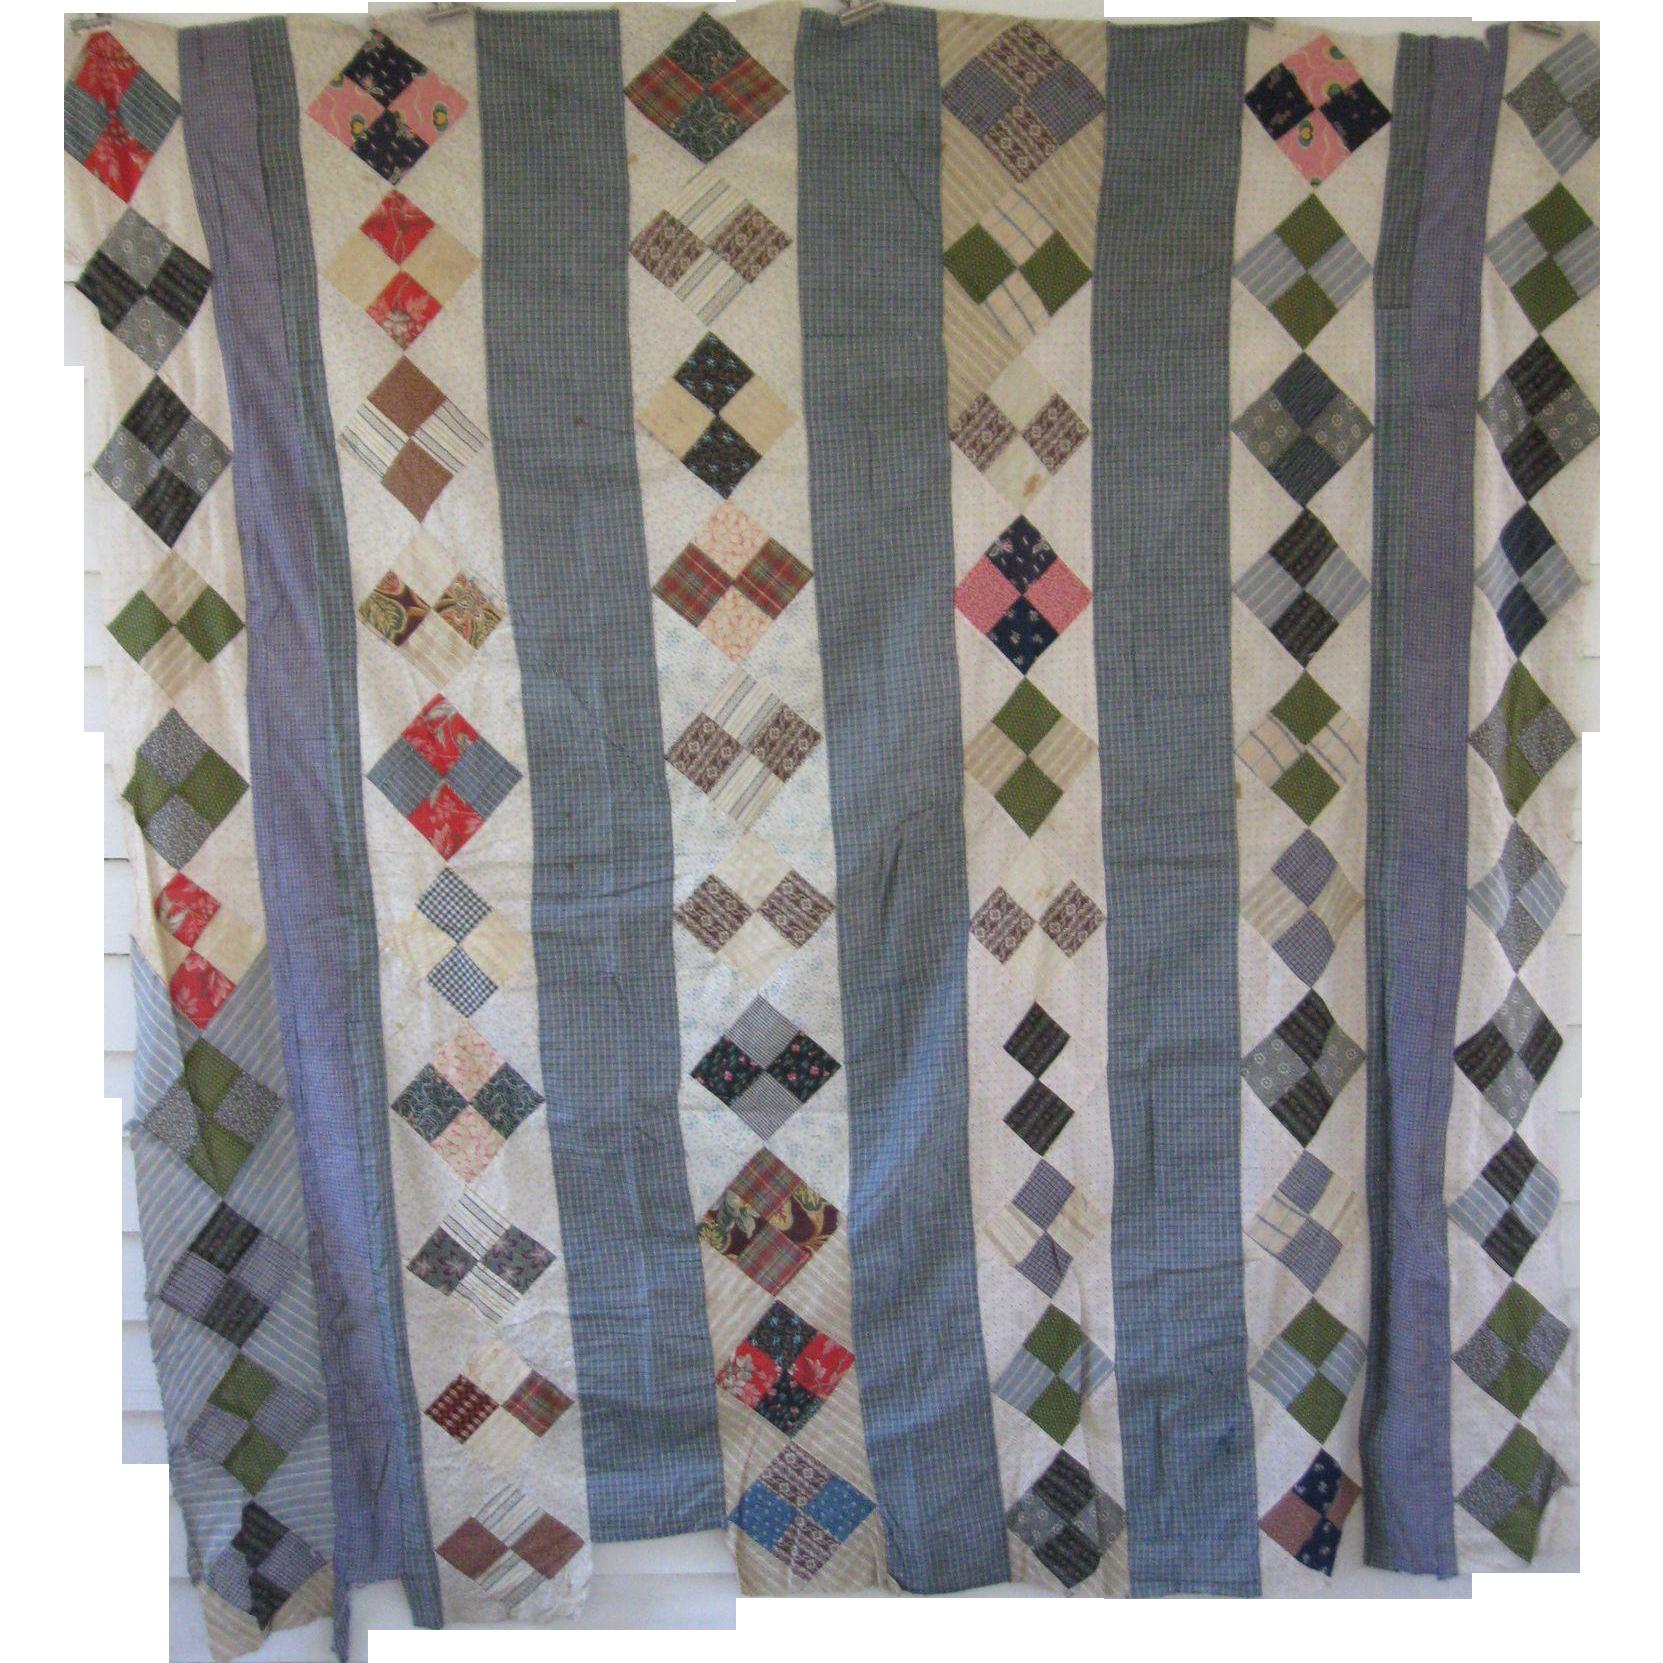 Antique Blue Calico Quilt Top, Four Patch Bars, PA